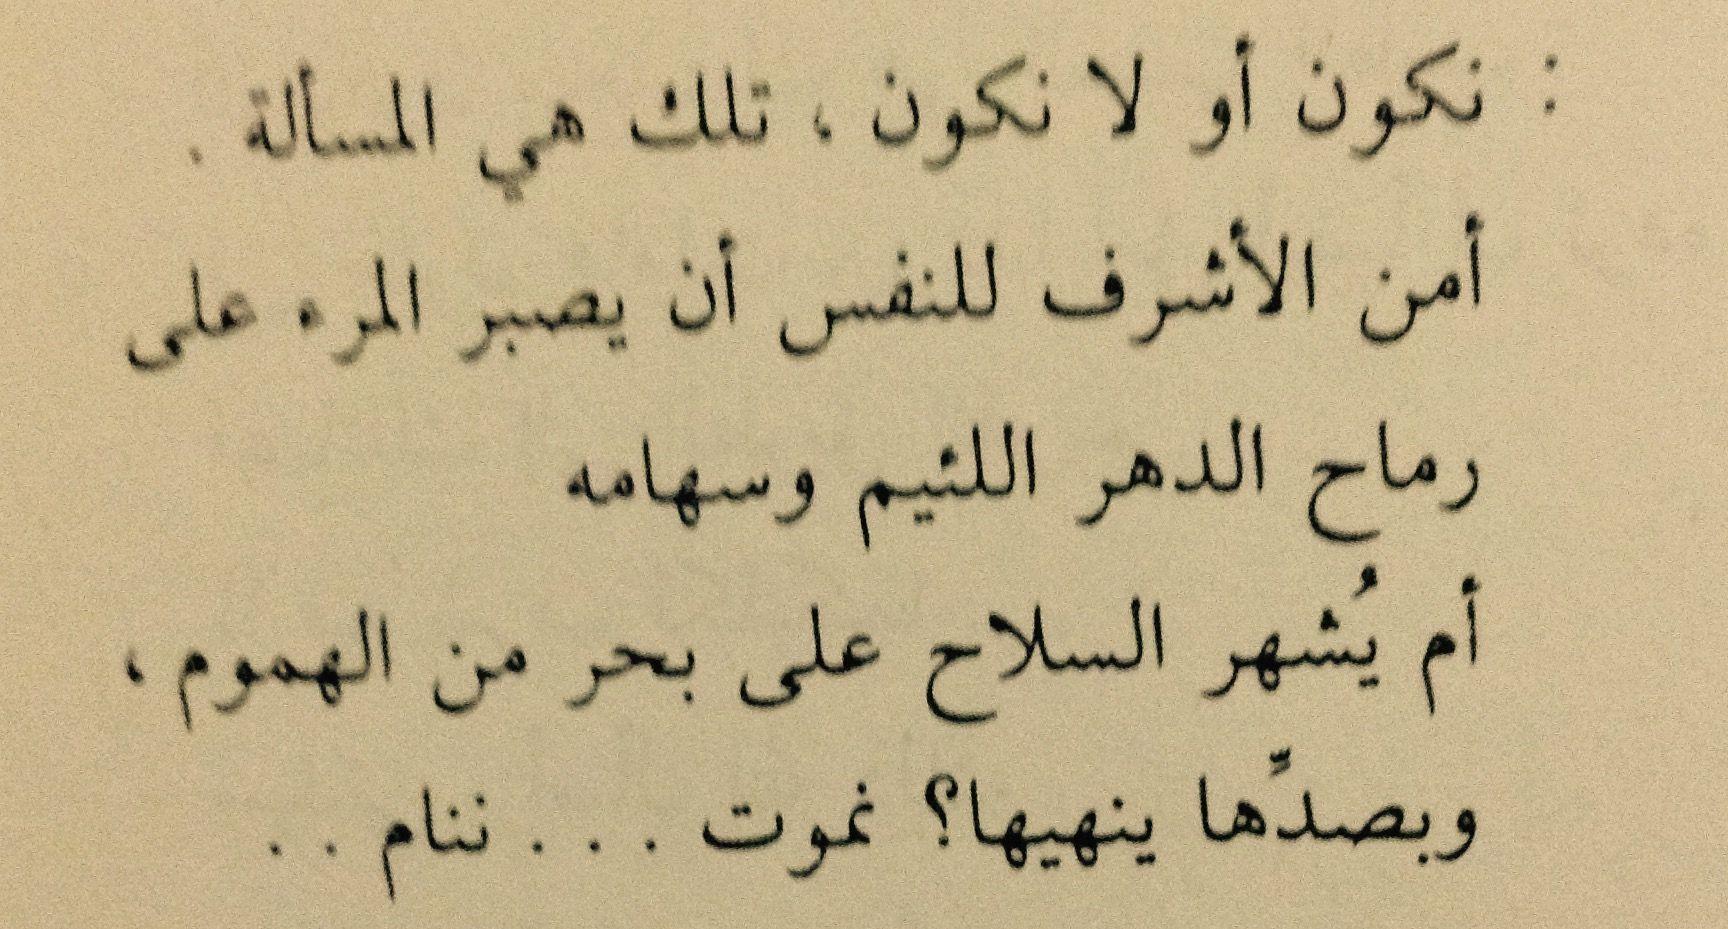 هاملت شكسبير Qoutes Arabic Calligraphy Calligraphy